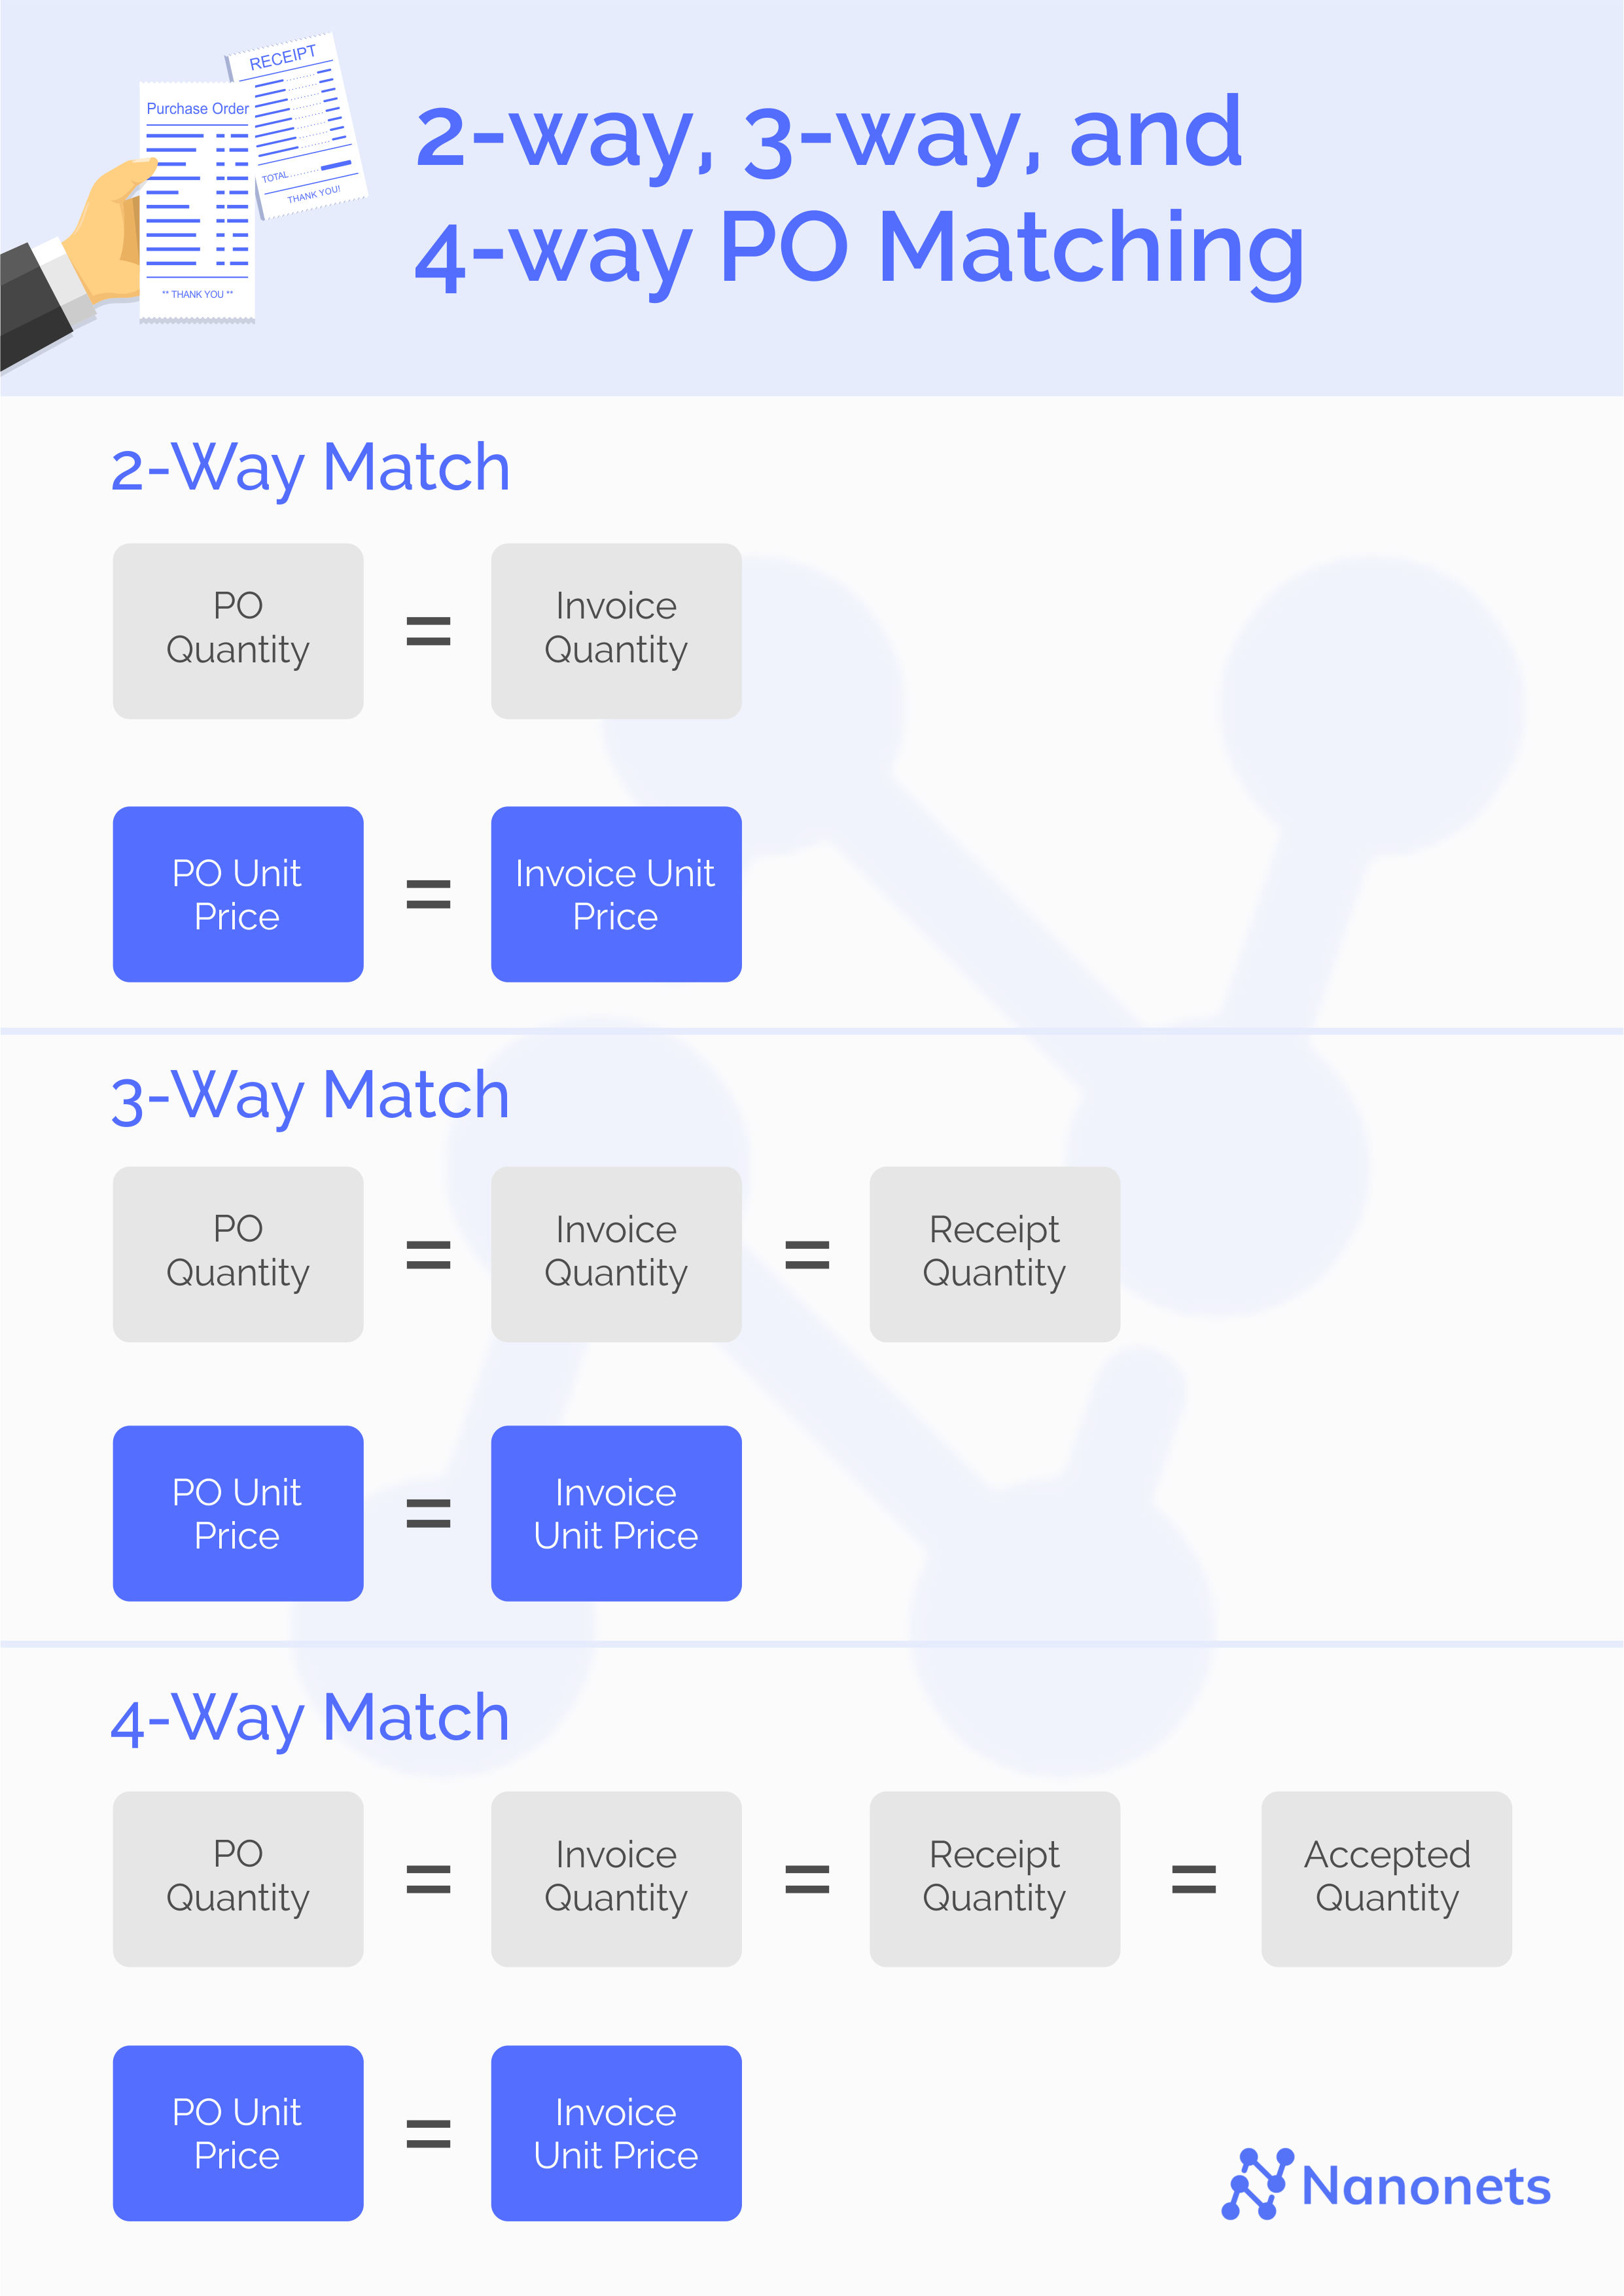 2-way, 3-way, and 4-way Matching